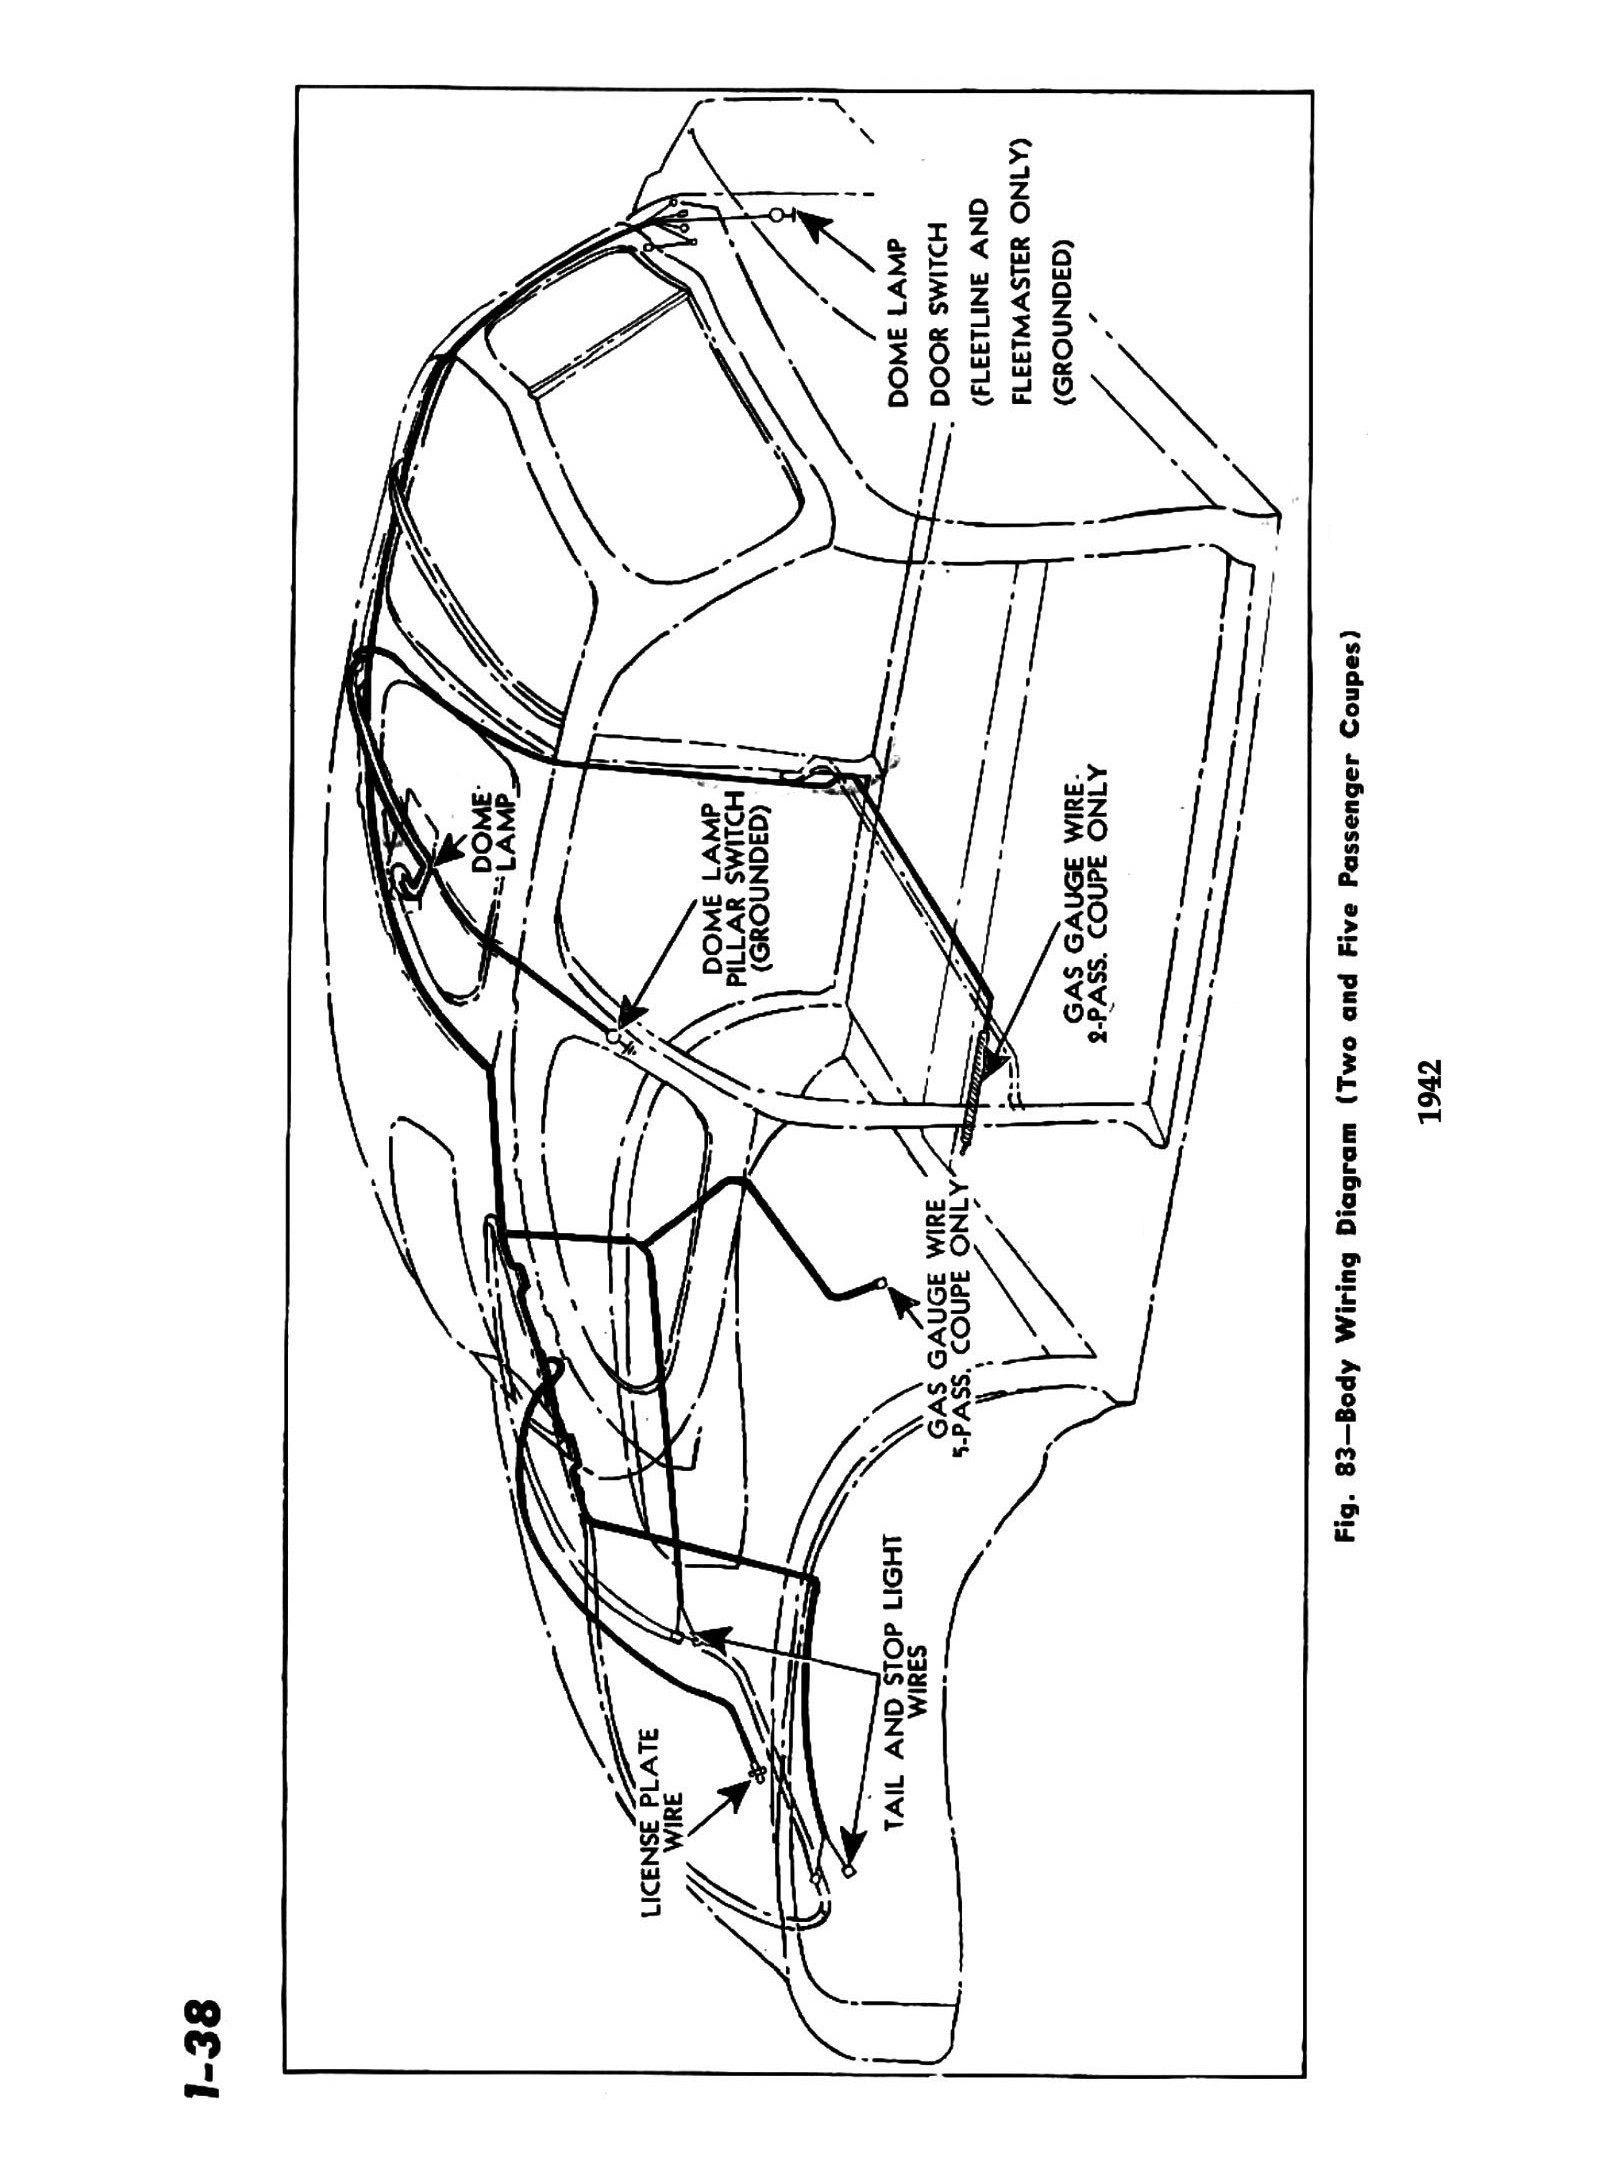 Wiring Diagram PDF: 1942 Willys Mb Wiring Diagram